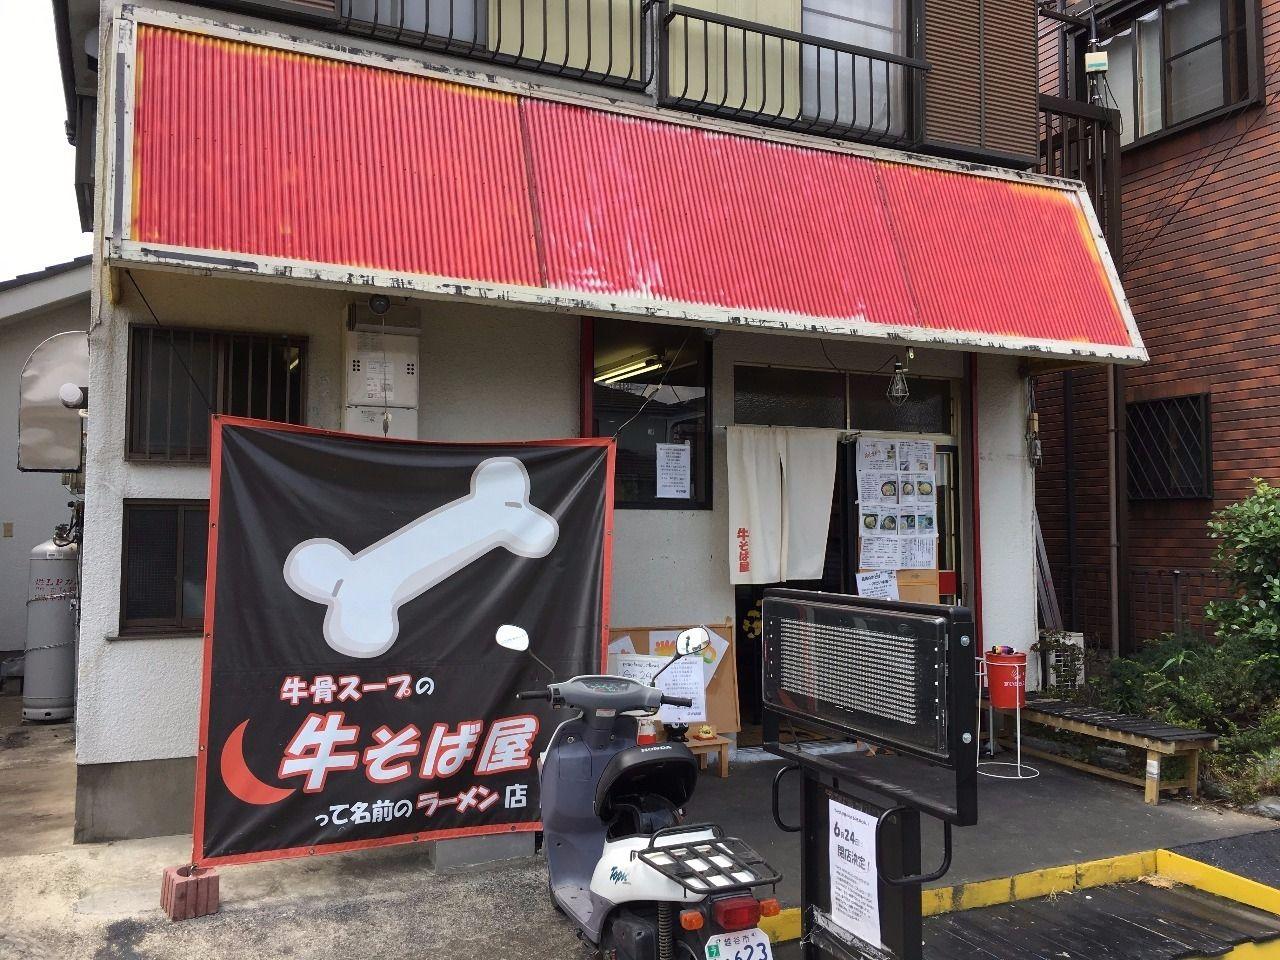 閉店する牛骨スープの「牛そば屋」って名前のラーメン店』です。